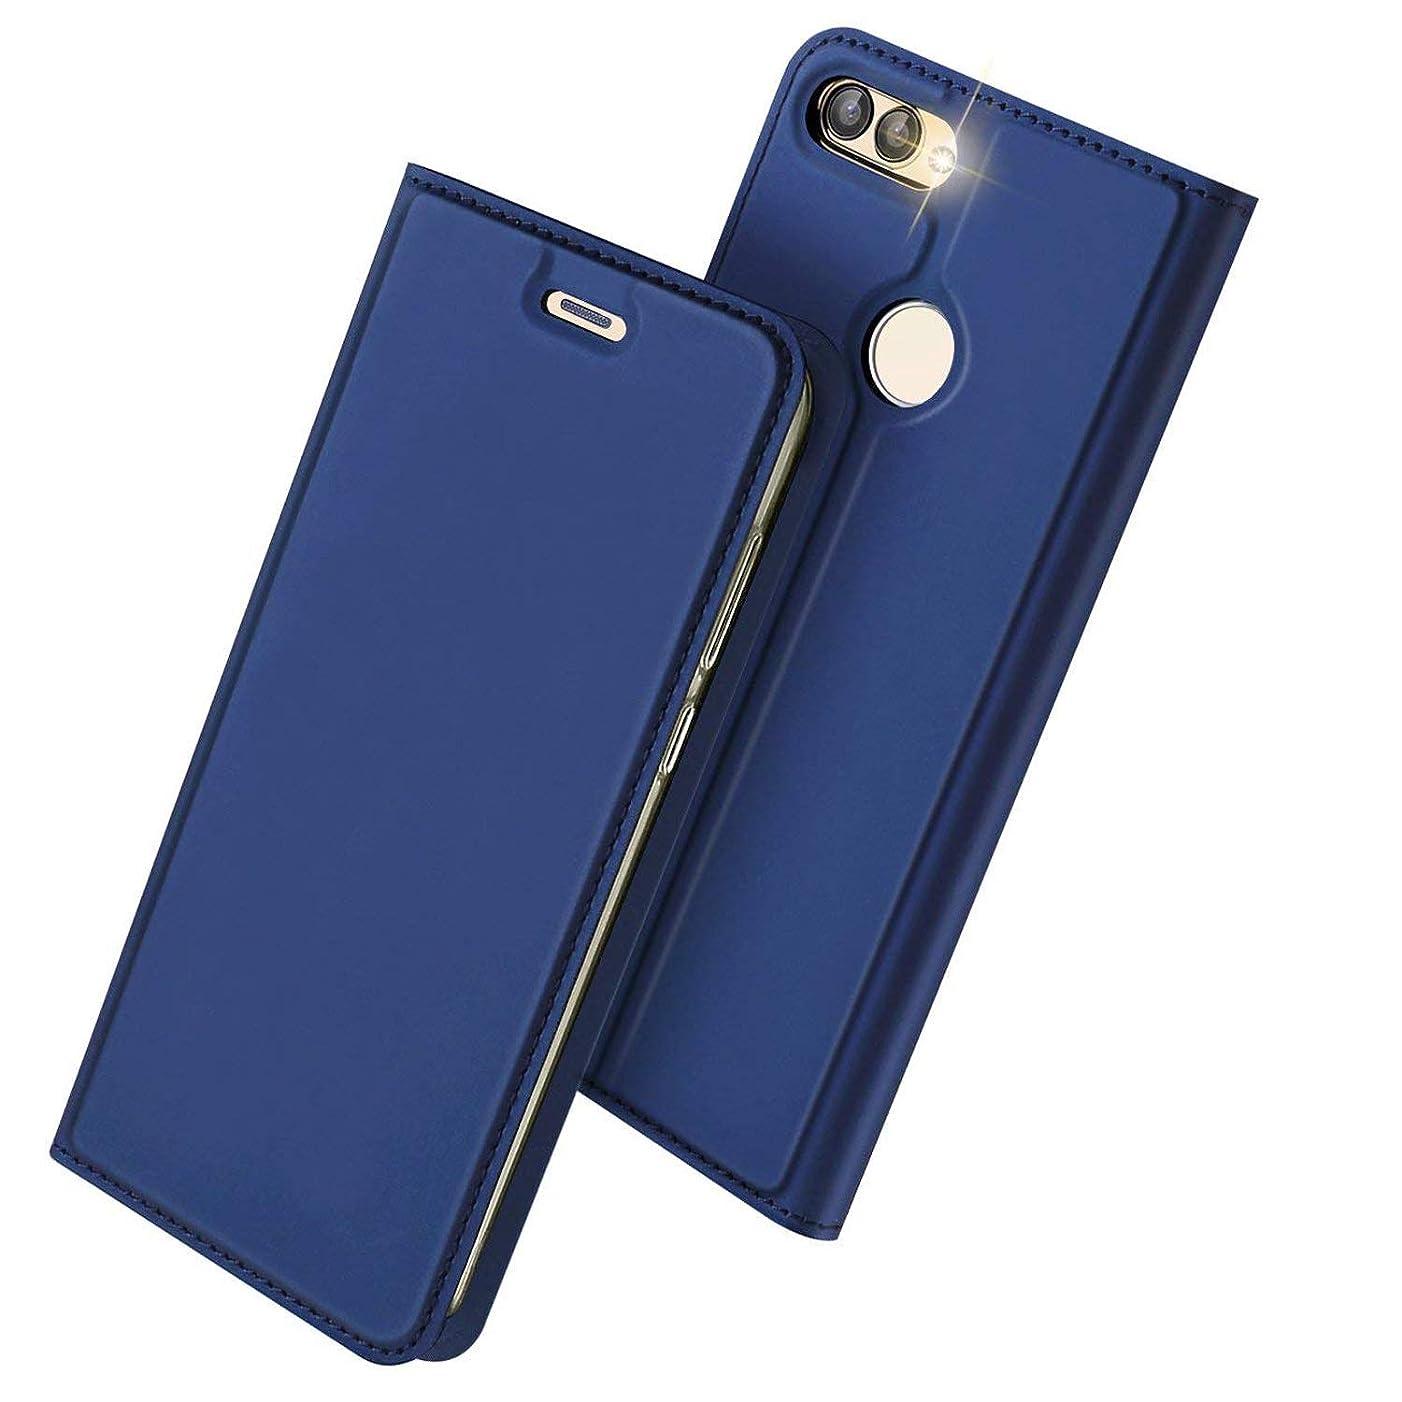 弾薬委託ロードされたAnero Huawei nova lite 2 ケース 手帳型 高級PU レザー 耐衝撃 薄型 軽量 カード収納 nova lite2 / P smart 専用 財布型 マグネット スタンド機能付き スマホケース 耐汚れ シンプル 人気 おしゃれ ケース (ブルー)